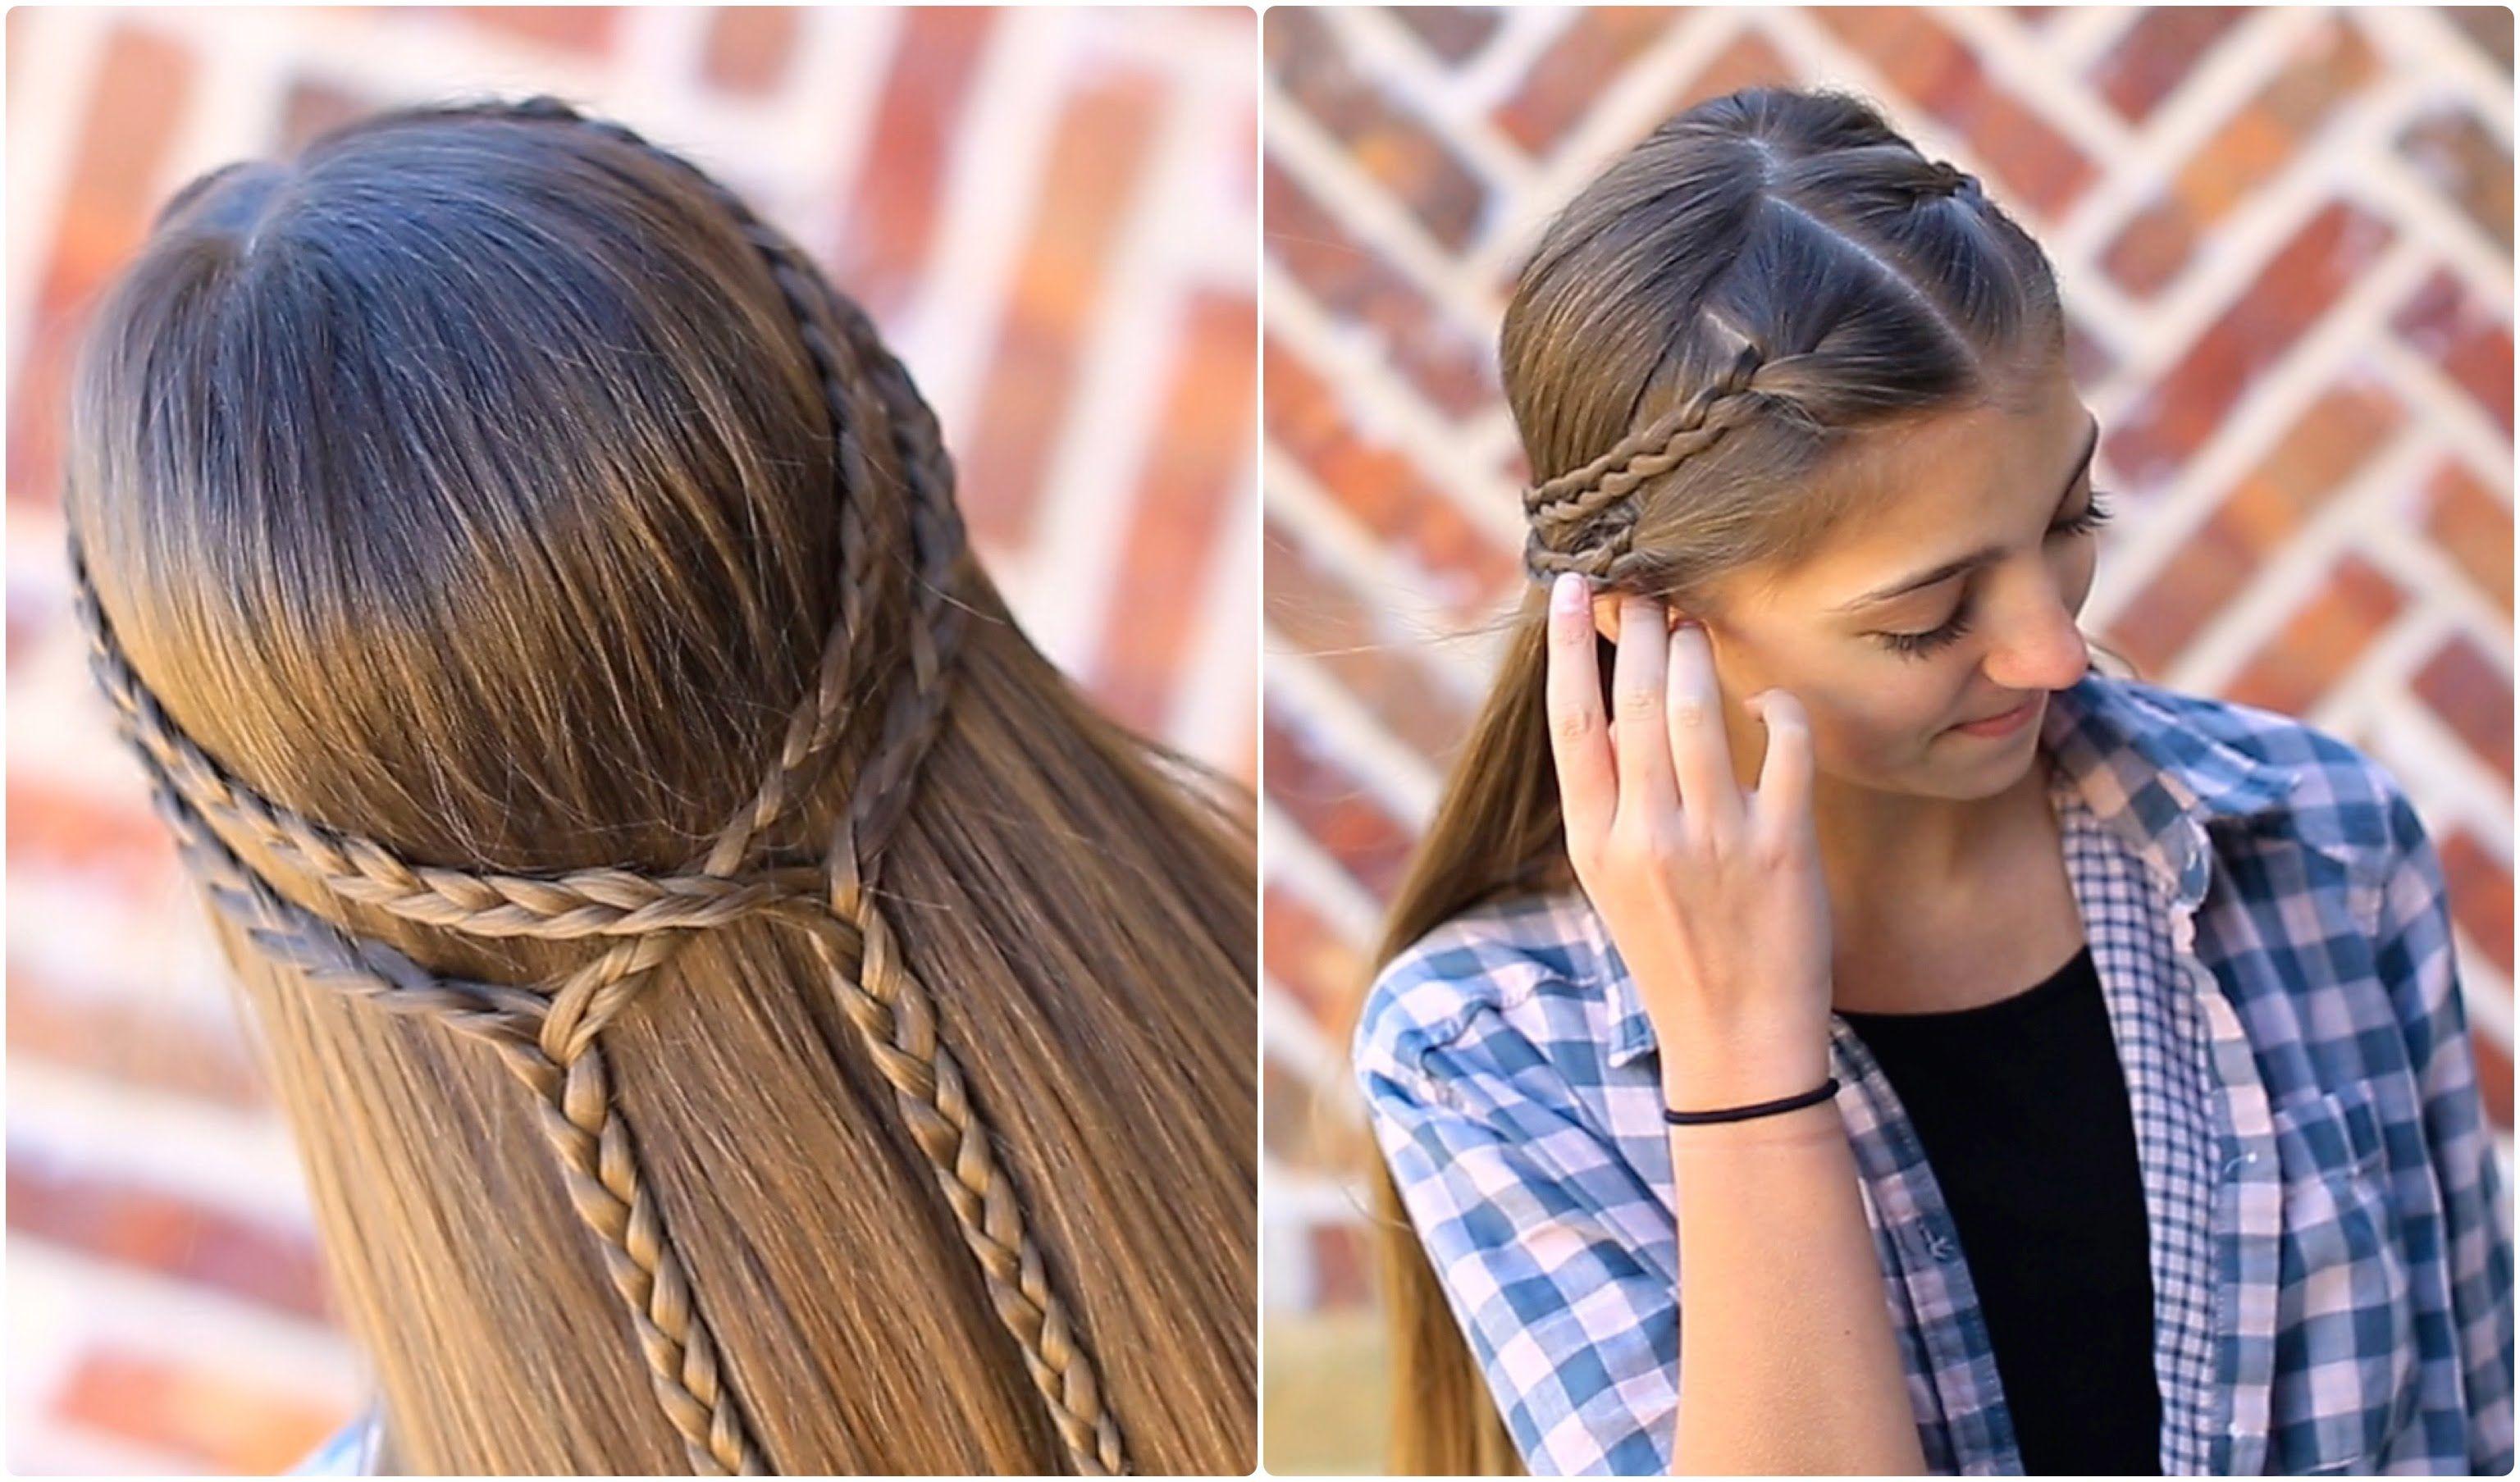 Double braid tieback cute girls hairstyles hairstyles